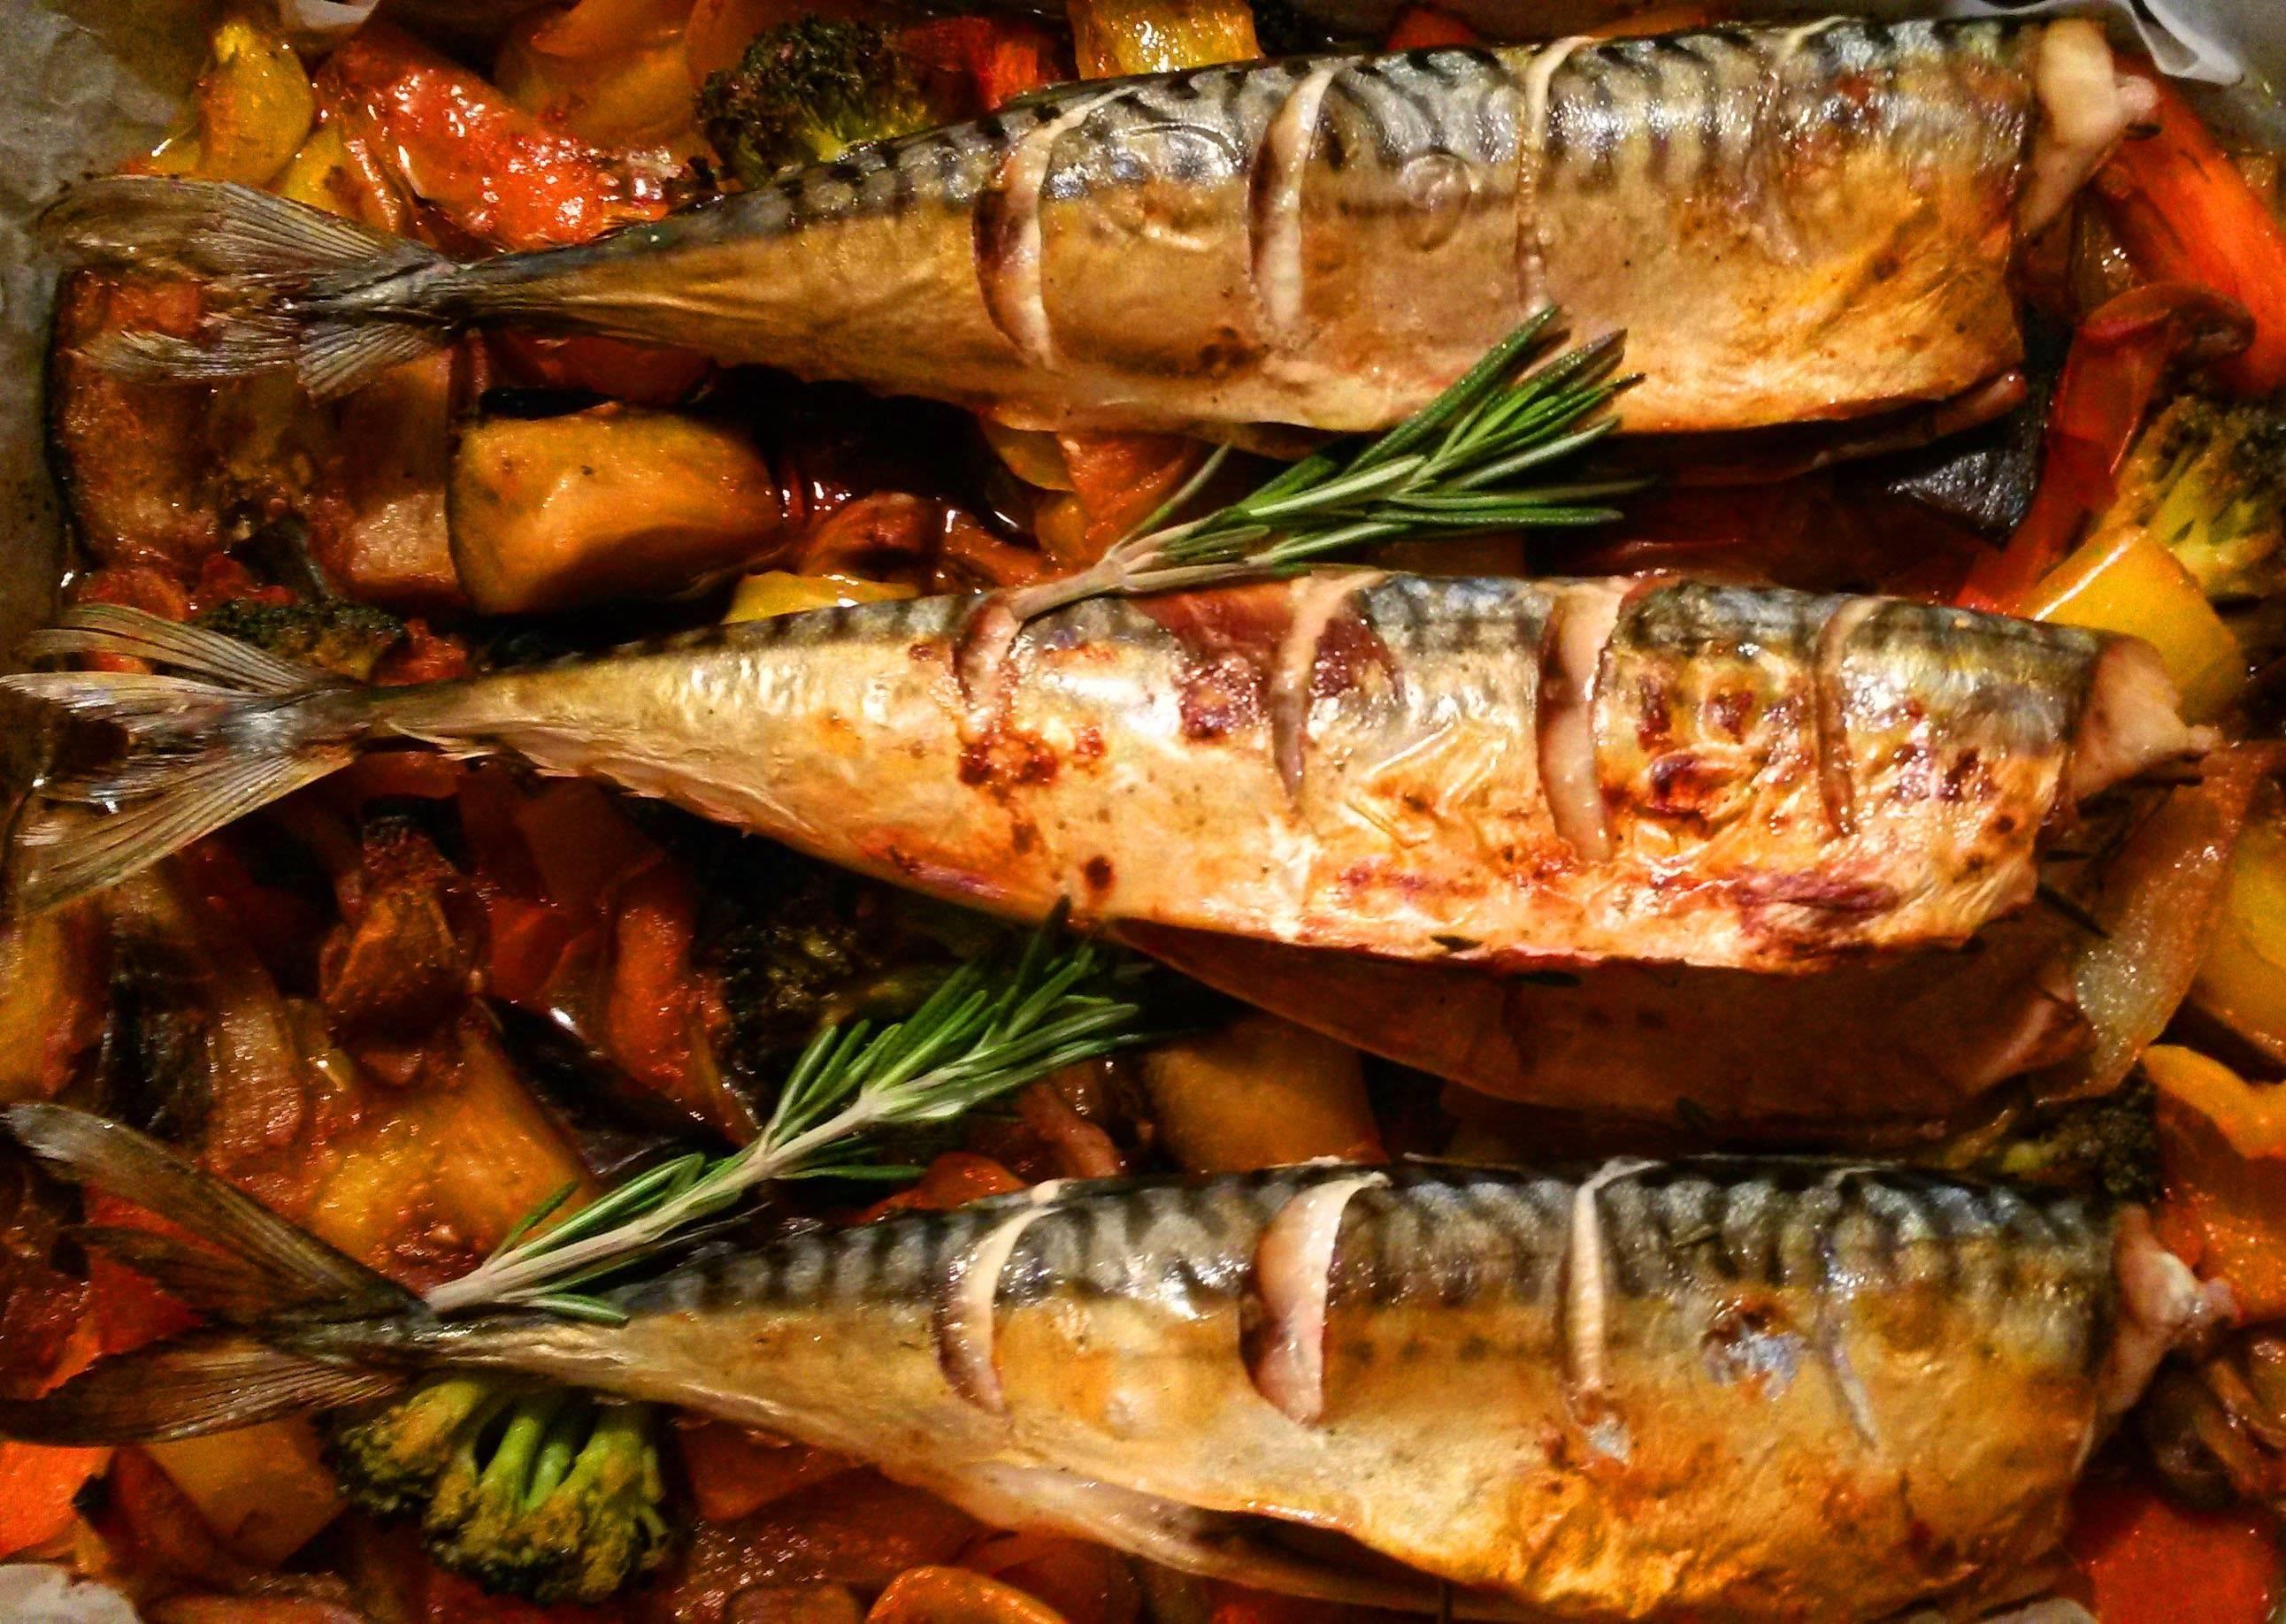 Как приготовить запеченную рыбу с овощами в духовке по рецепту с фото